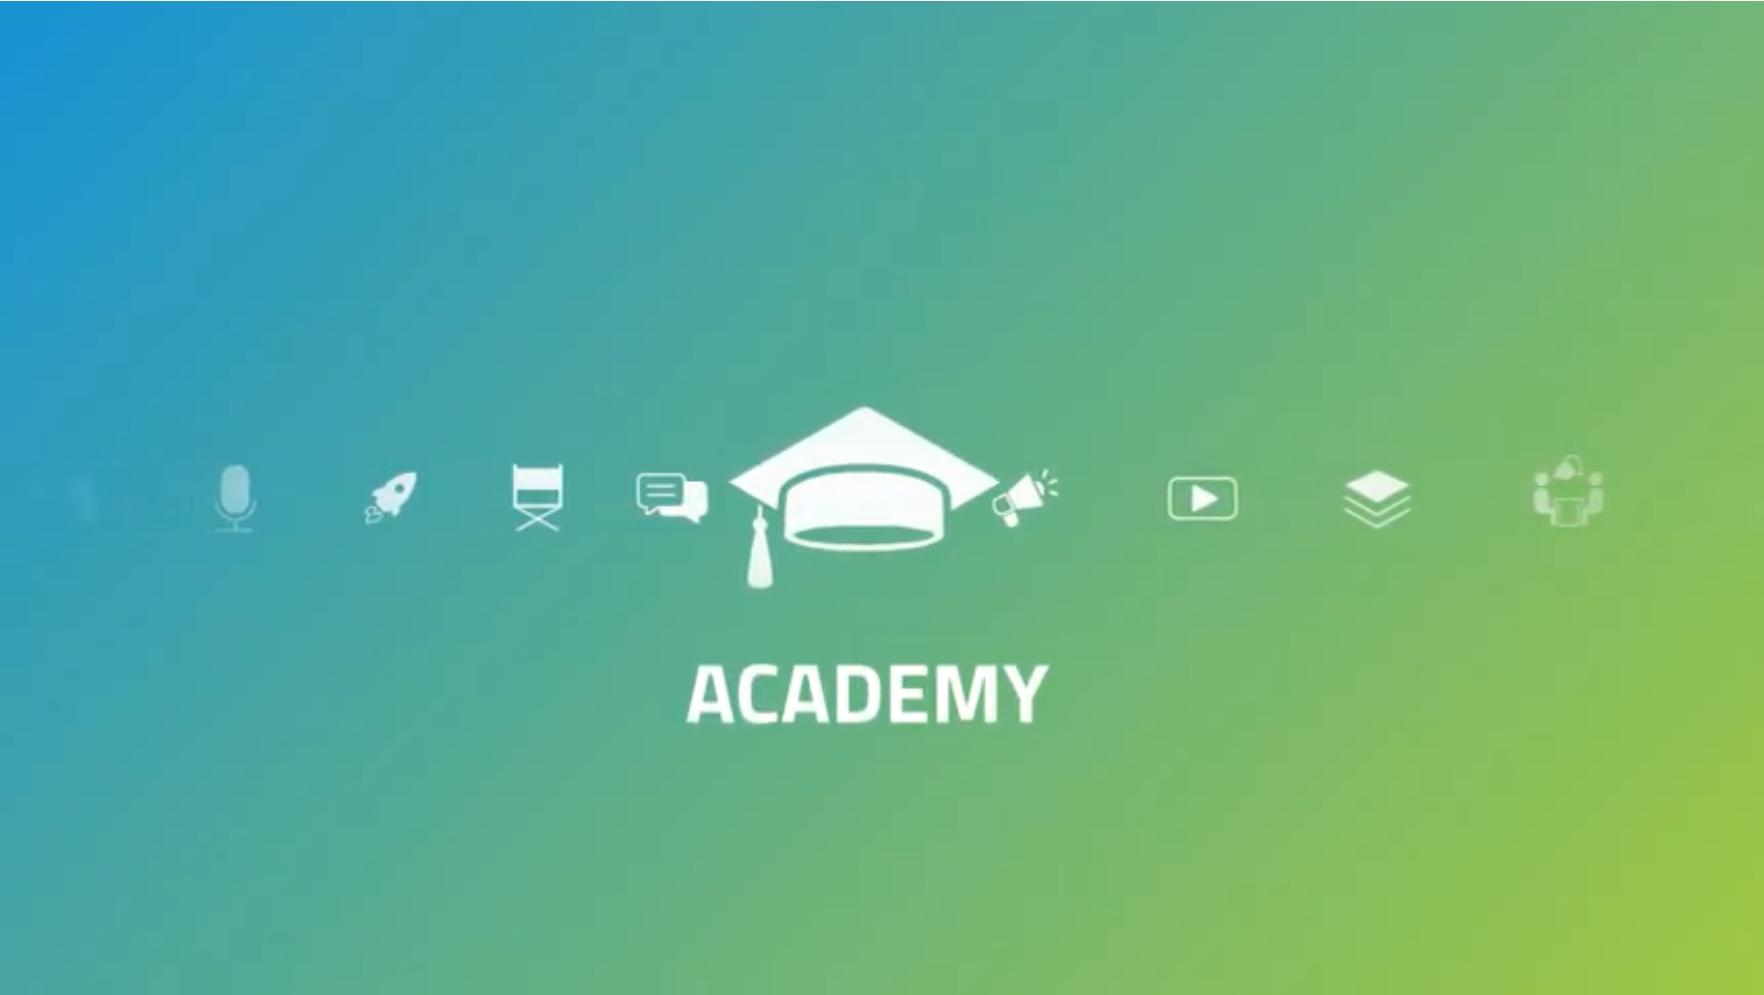 Servizi Digitali | A portata di click: il design-thinking applicato alle PA - ACADEMY FORUM PA 2020